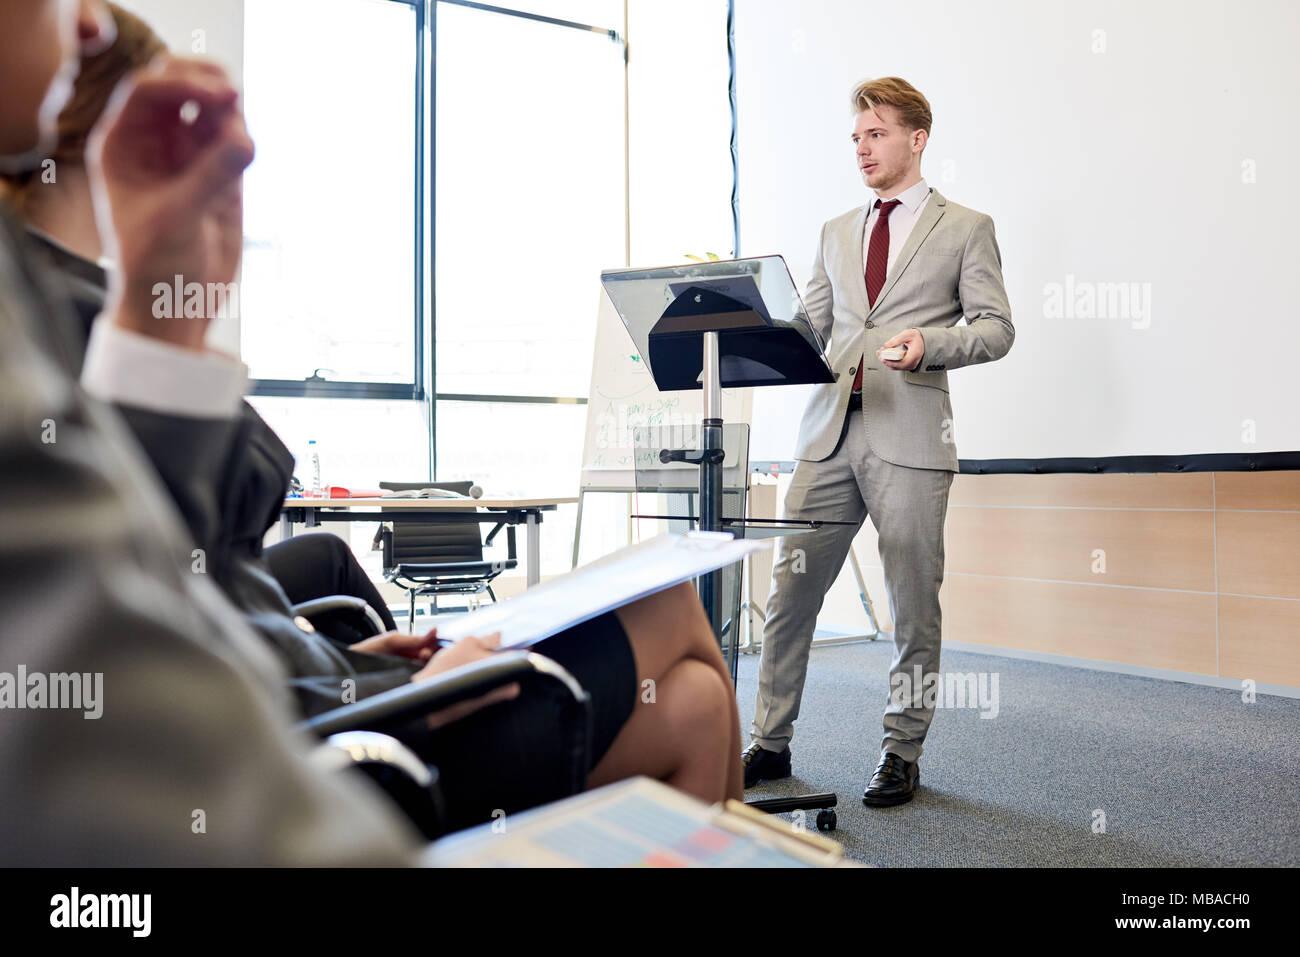 Confident Businessman at Podium - Stock Image